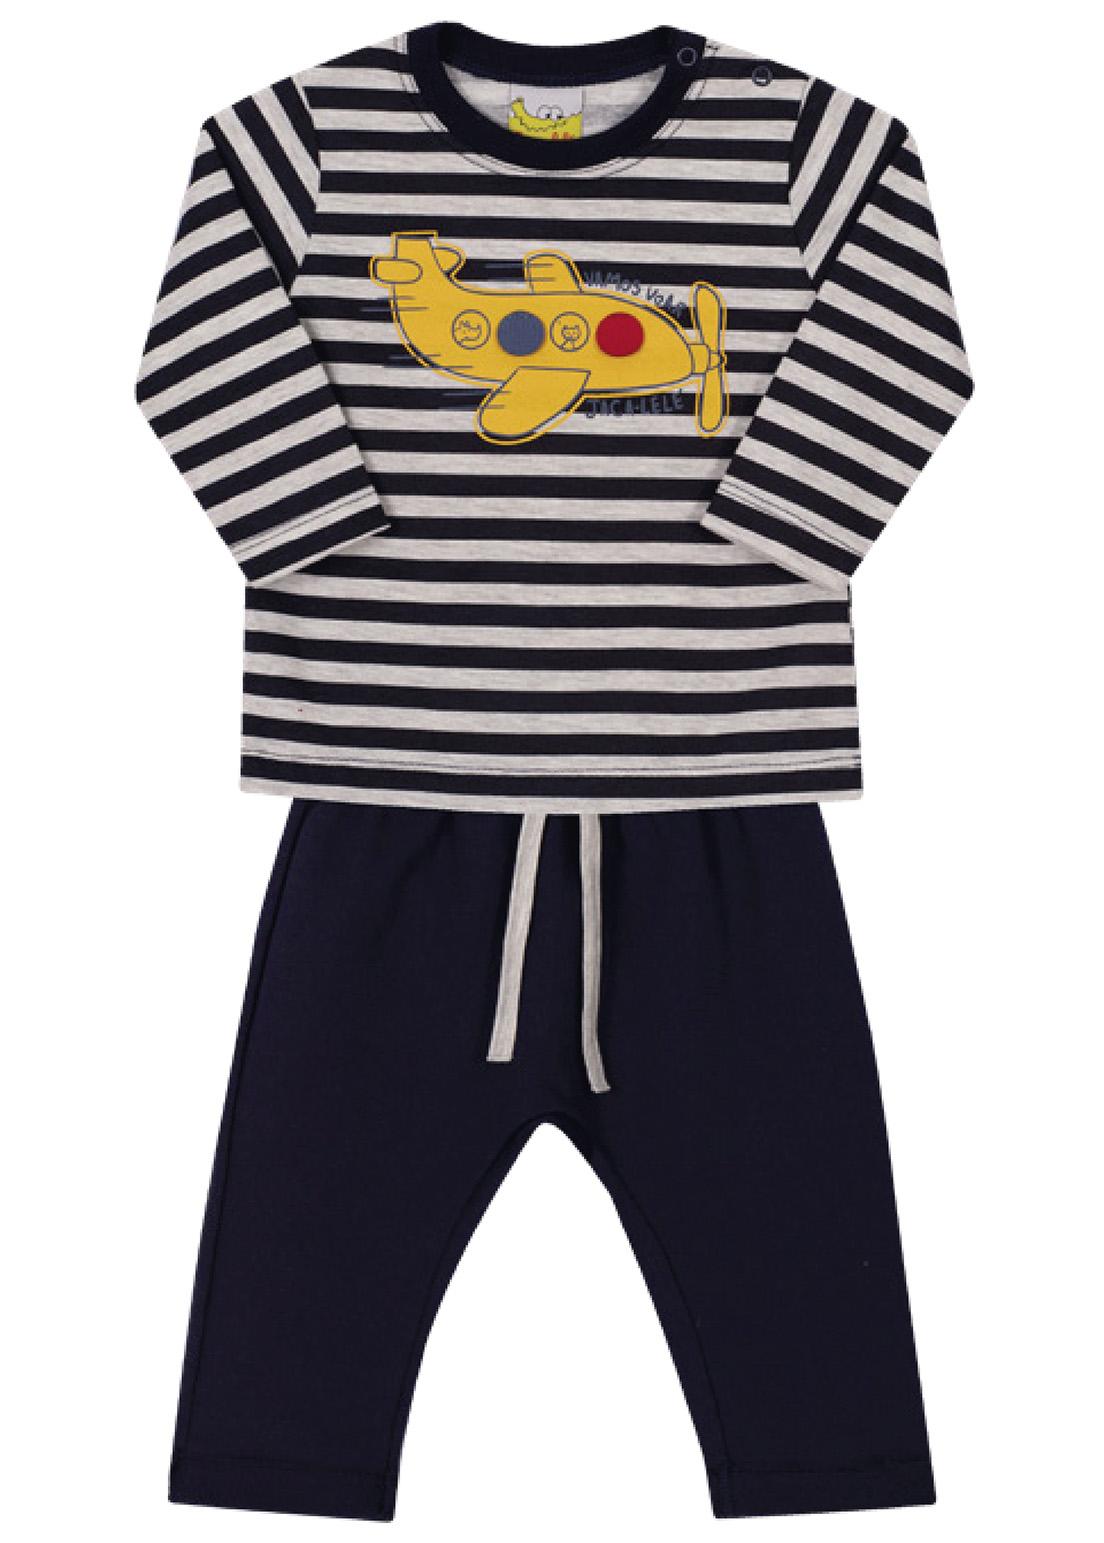 Conjunto Bebê e Infantil Camiseta e Calça Moletom Jaca Lelé Avião Marinho